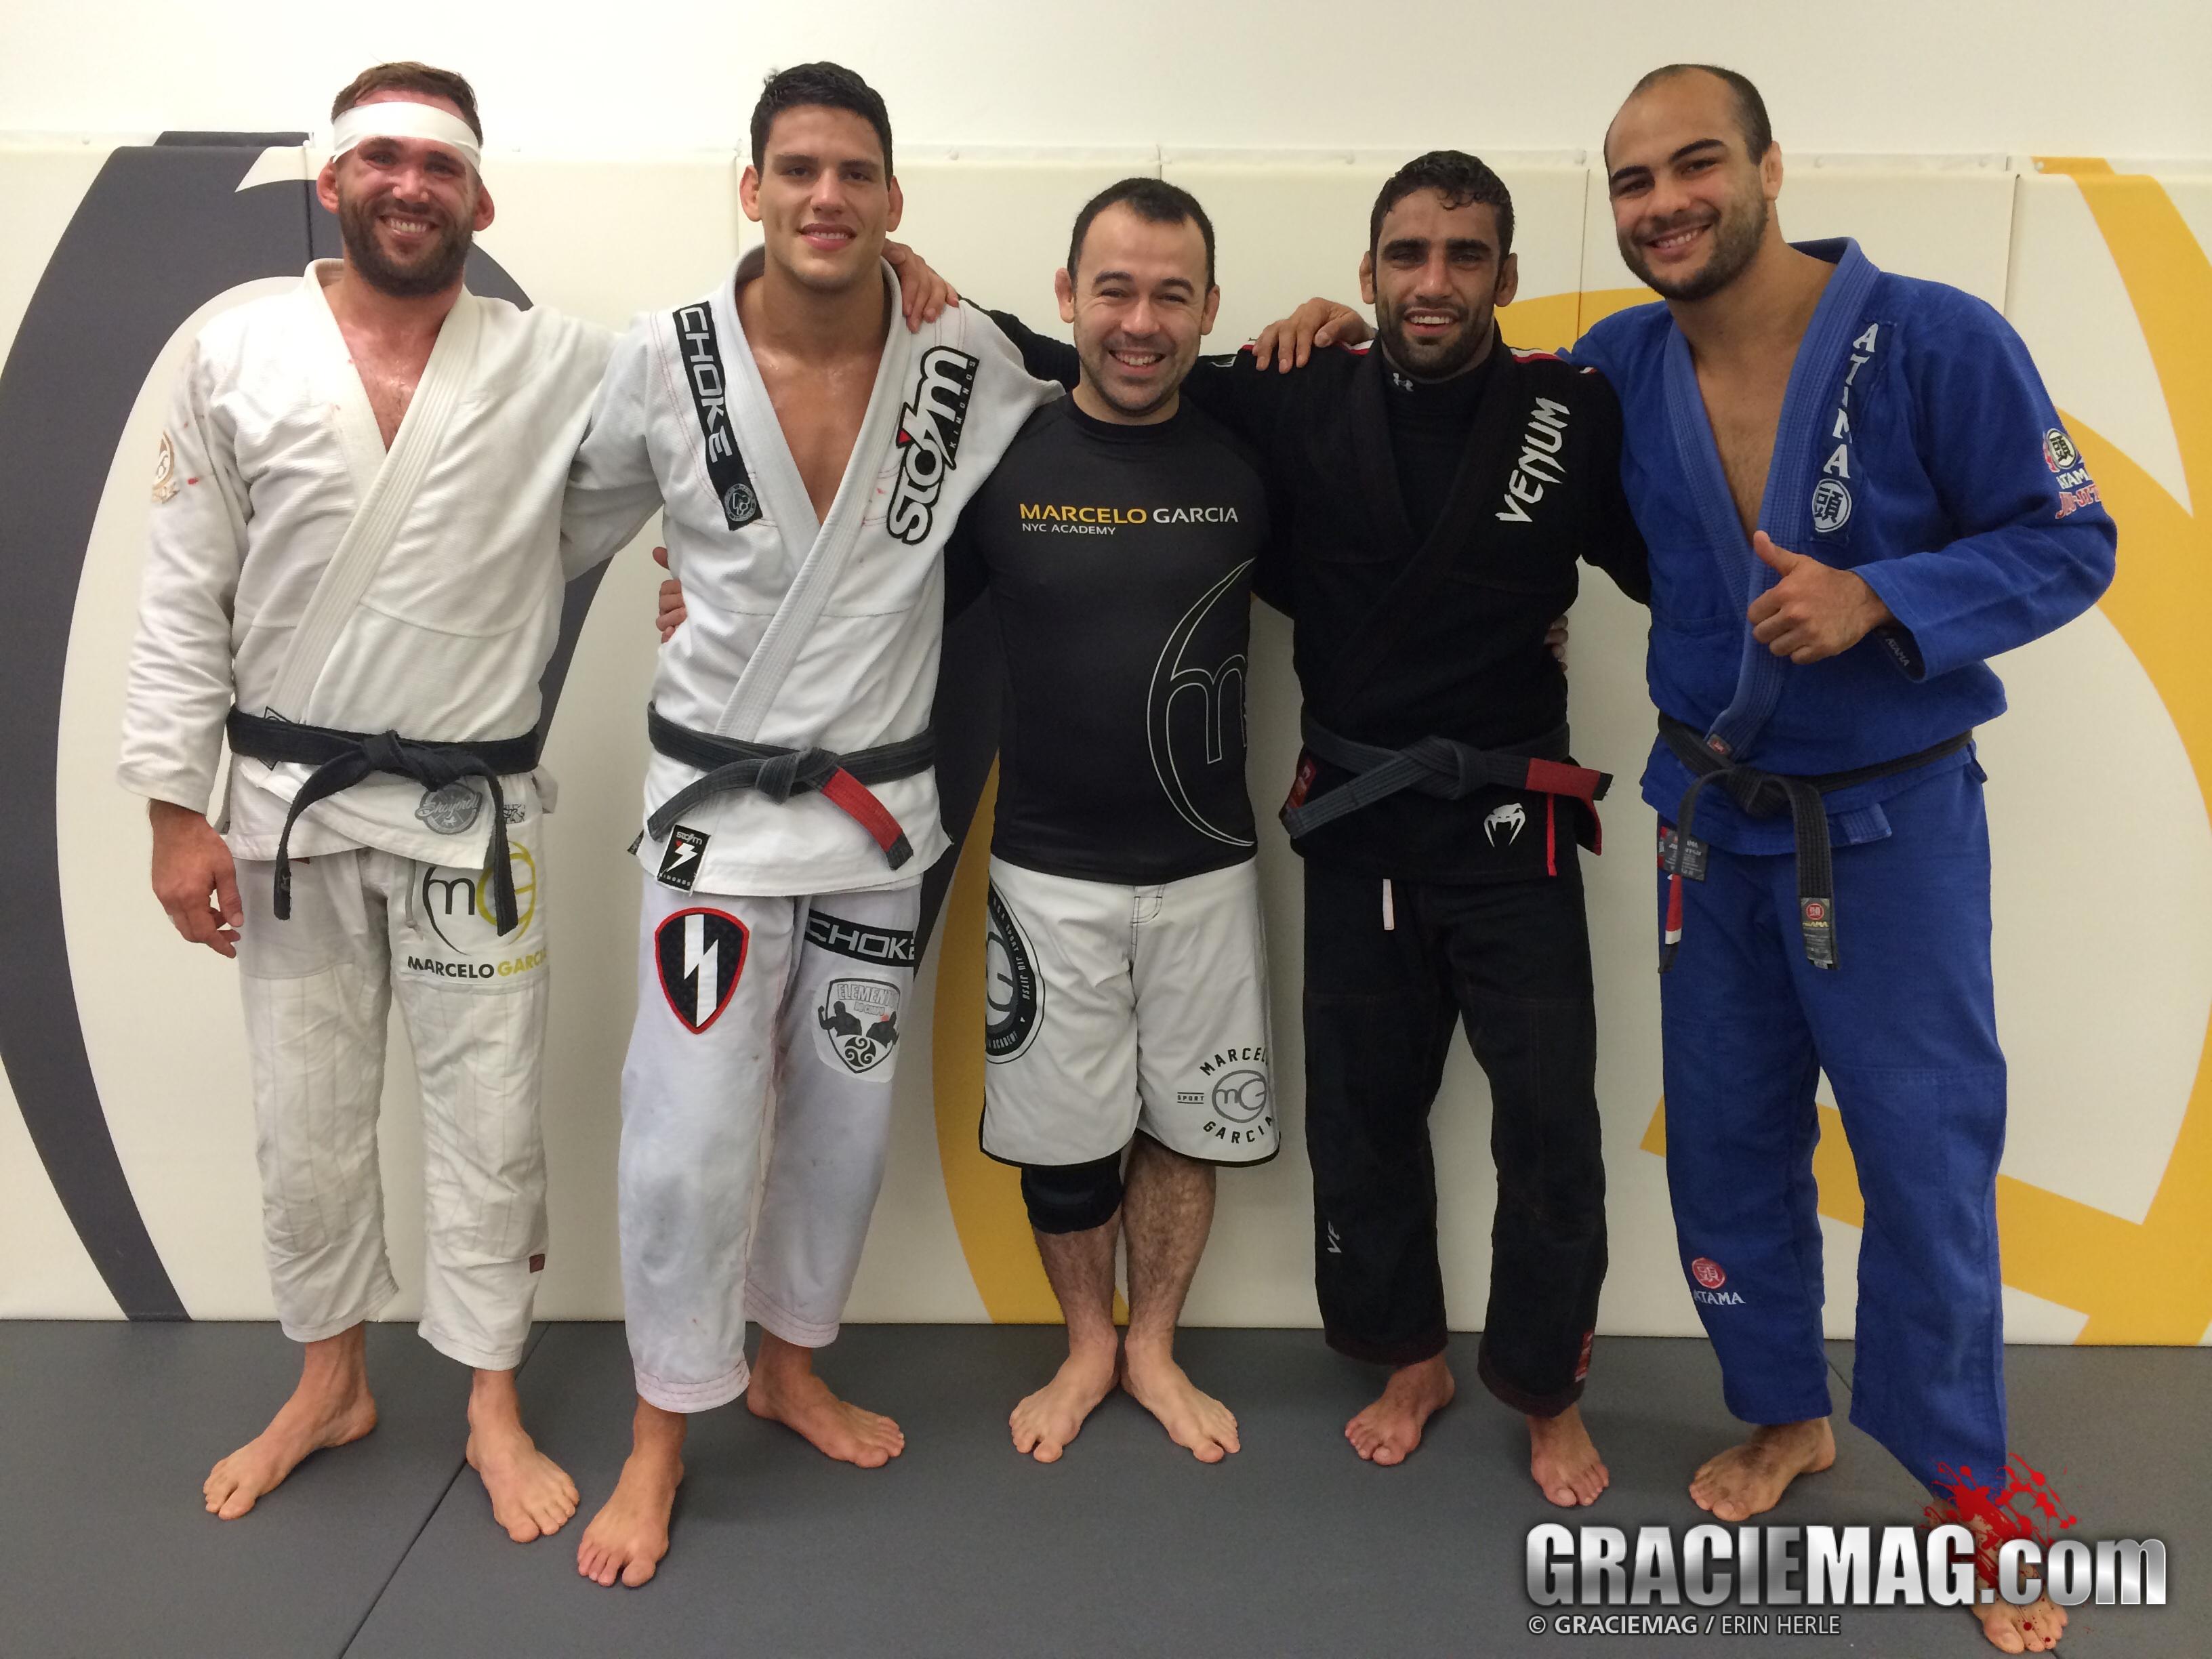 Paul Schreiner, Felipe Pena, Marcelo Garcia, Leandro Lo, Bernardo Faria. Photo: Erin Herle